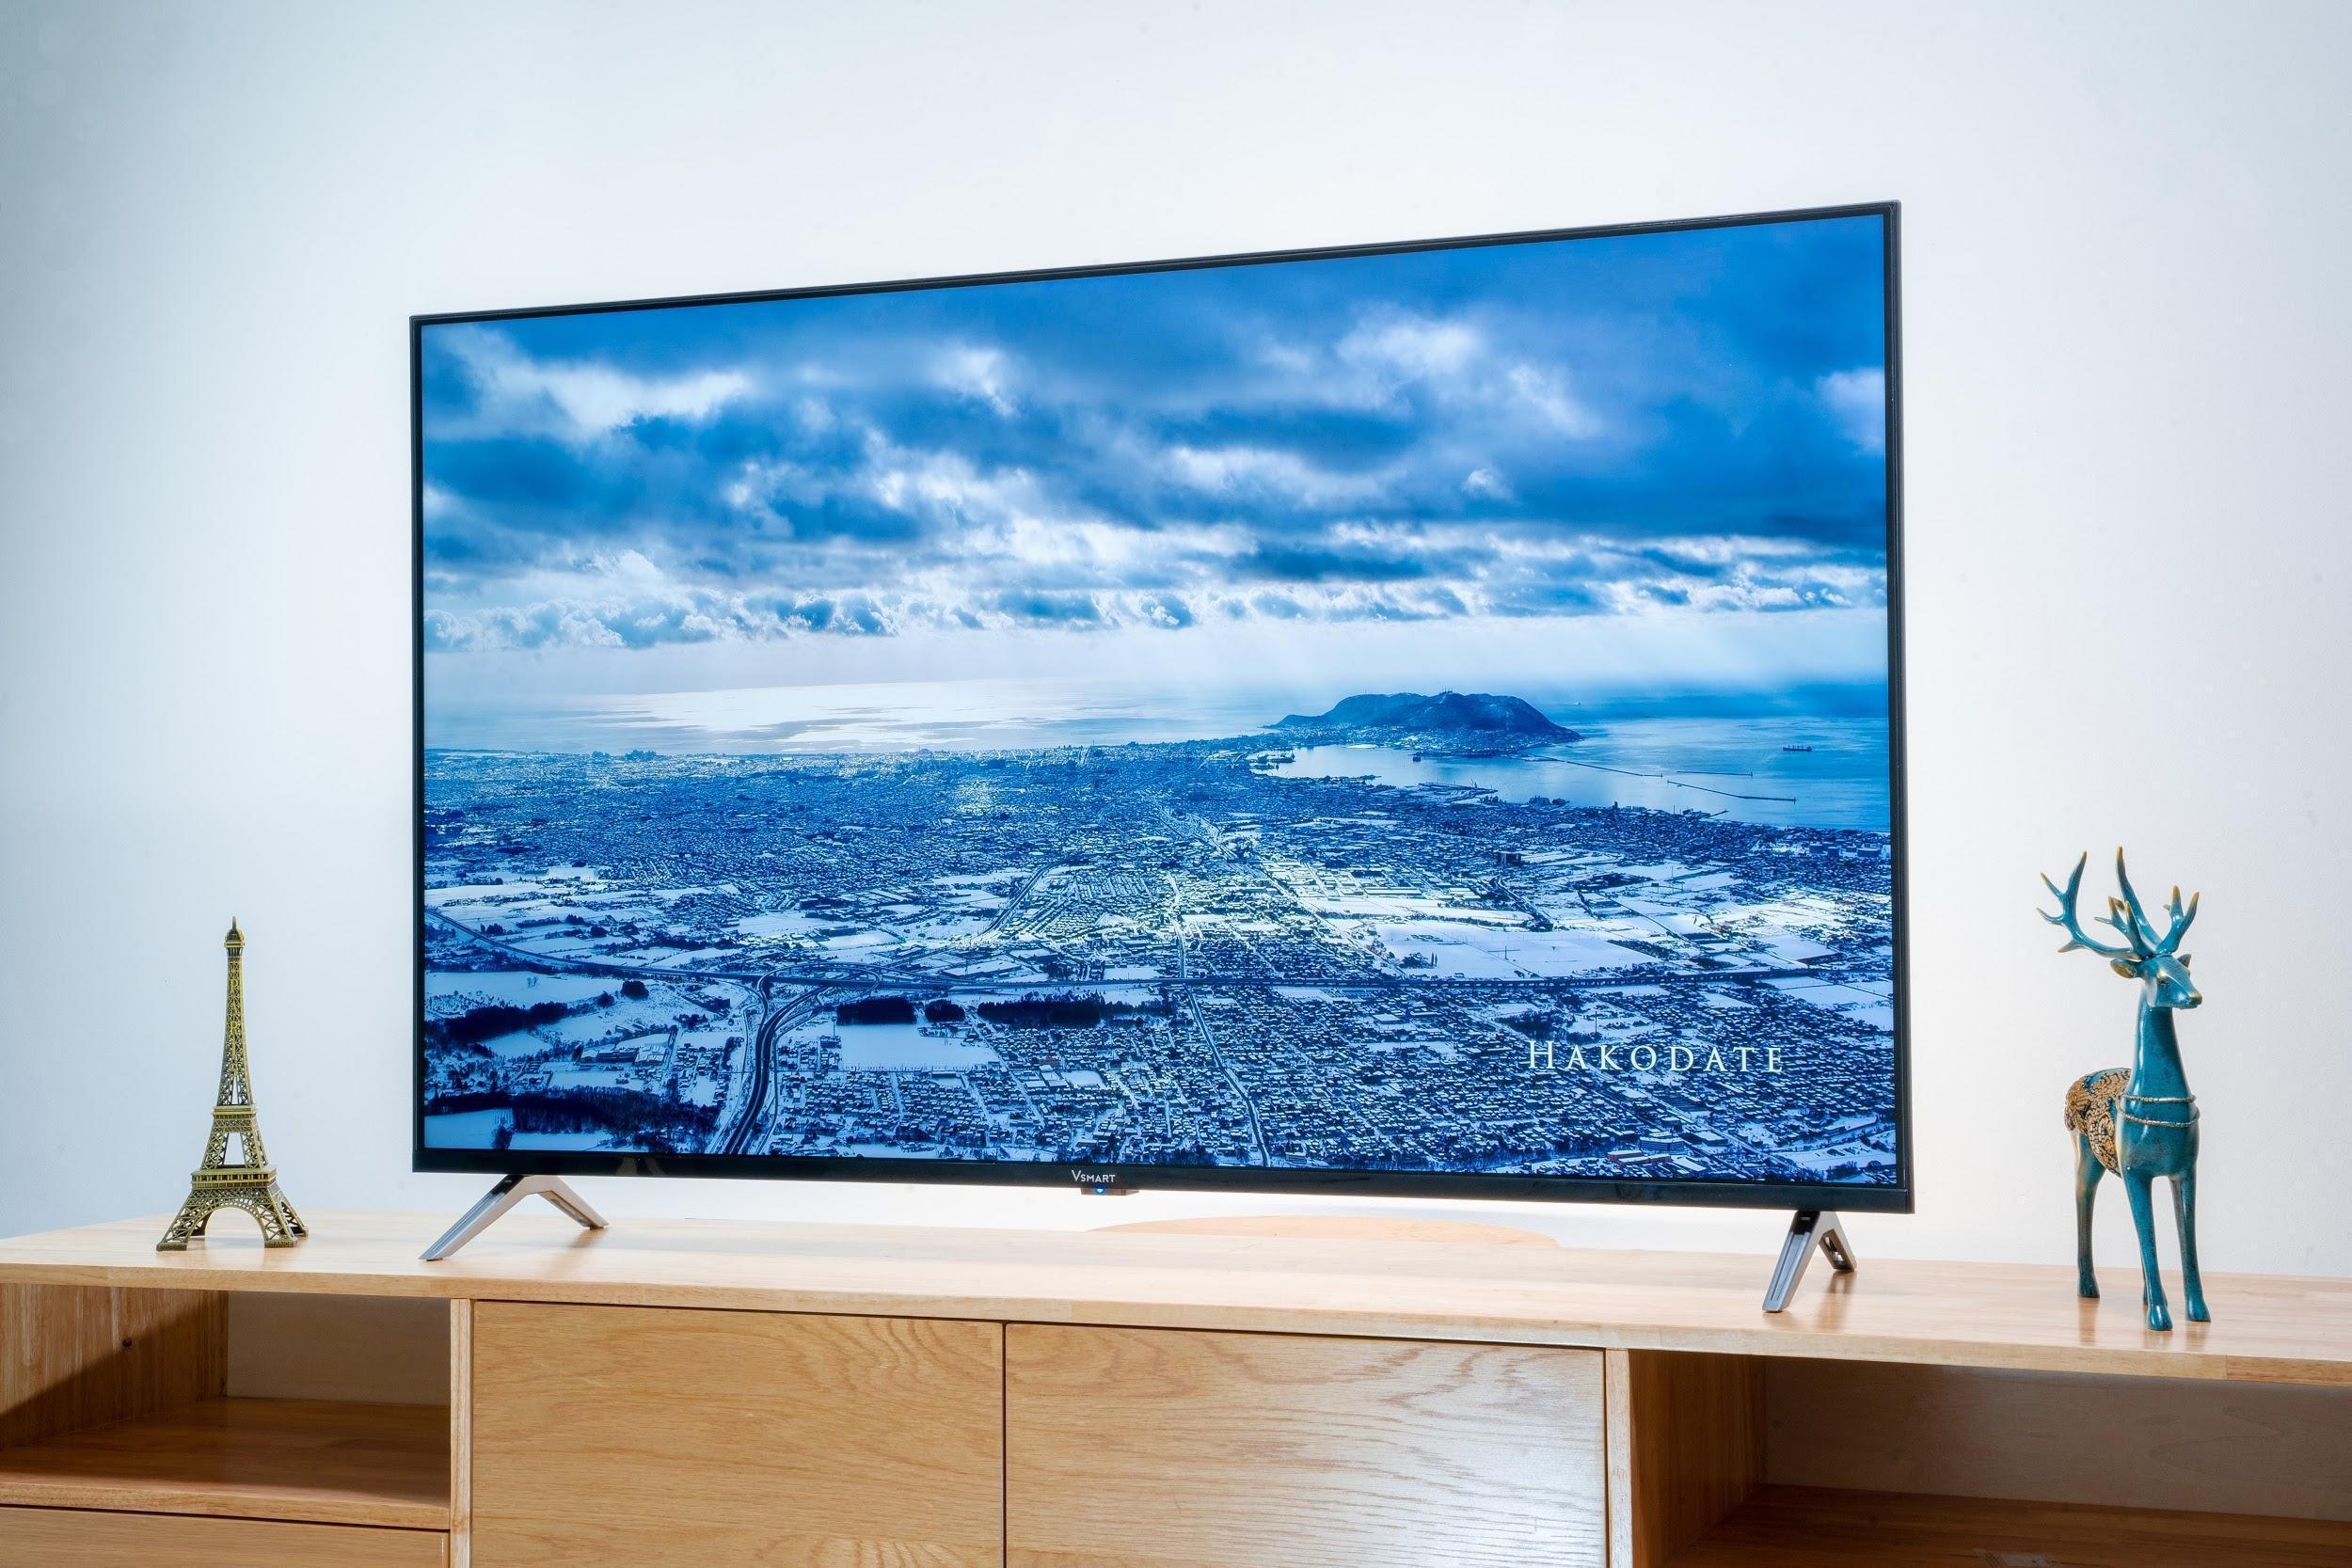 Mở bán rộng rãi, TV Vsmart ưu đãi giá để cạnh tranh LG, Samsung